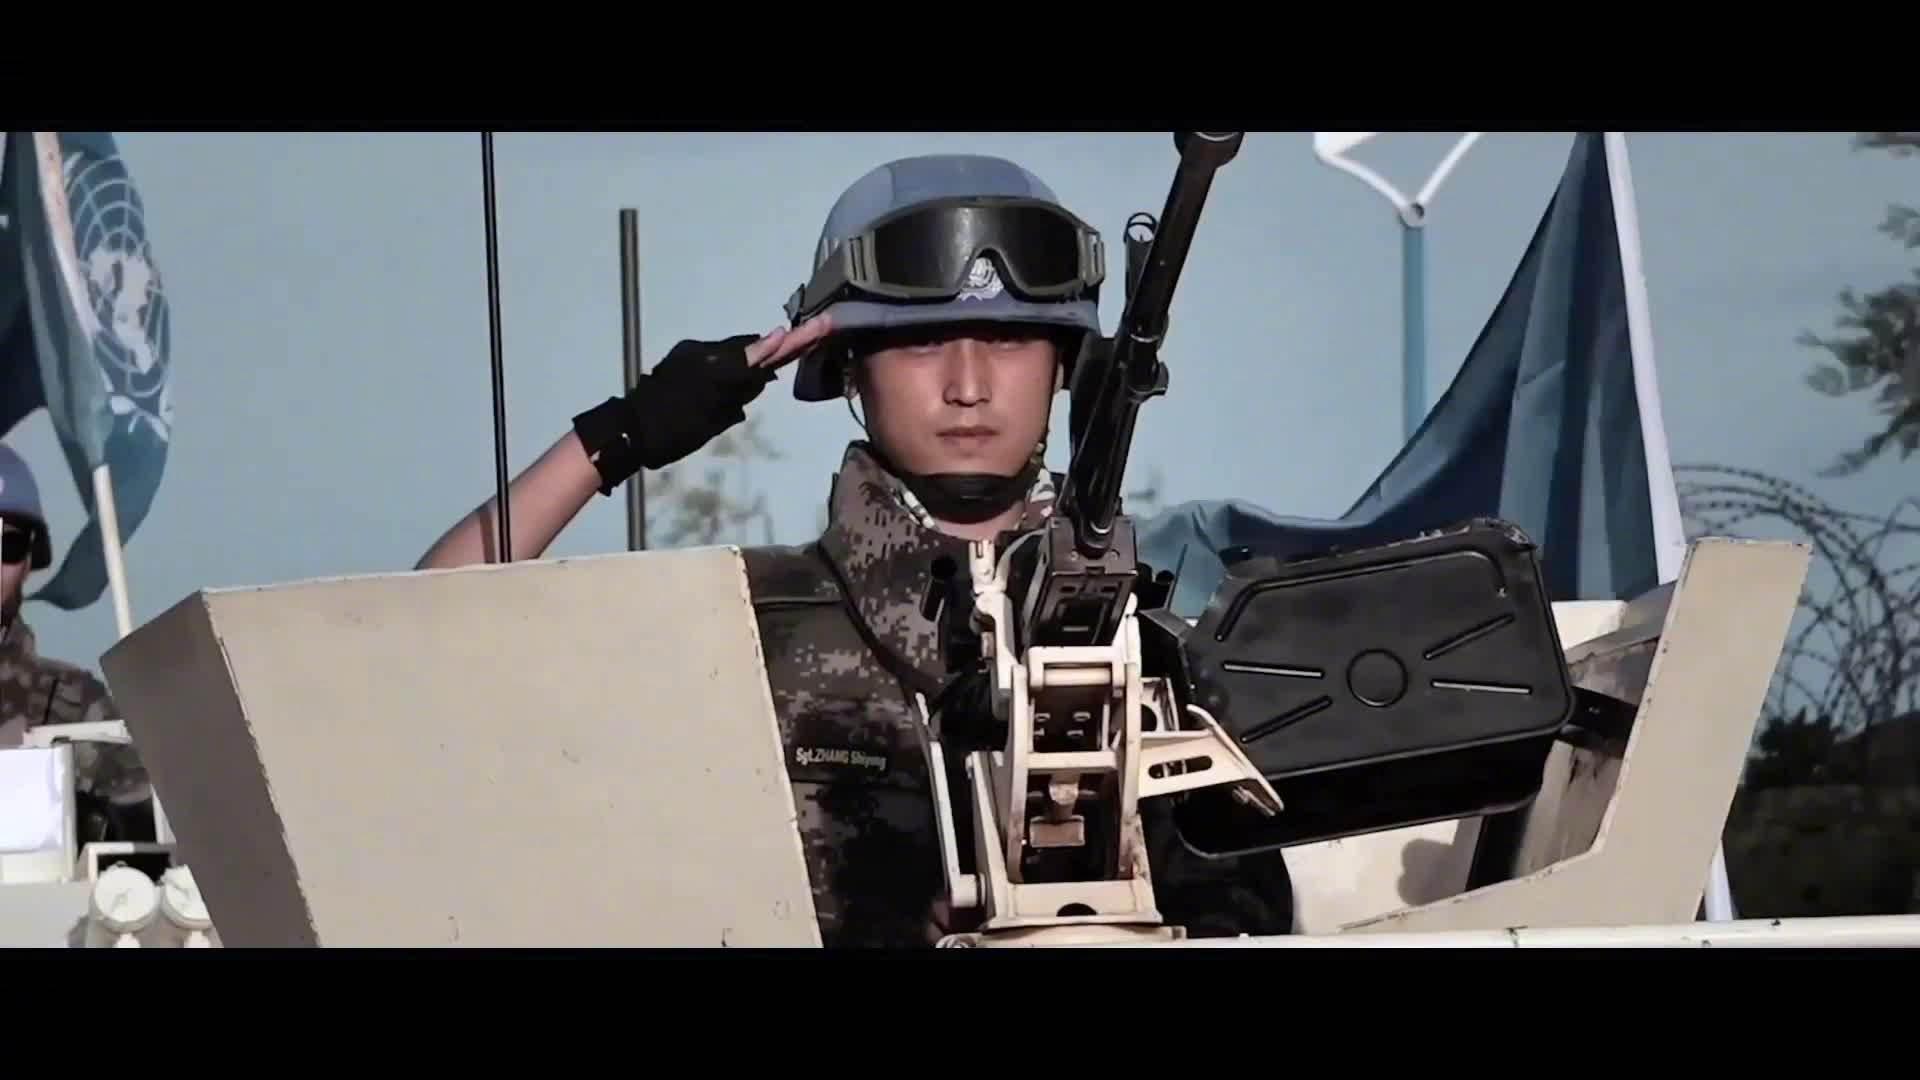 上映中,通过这支视频再了解一下中国维和战士